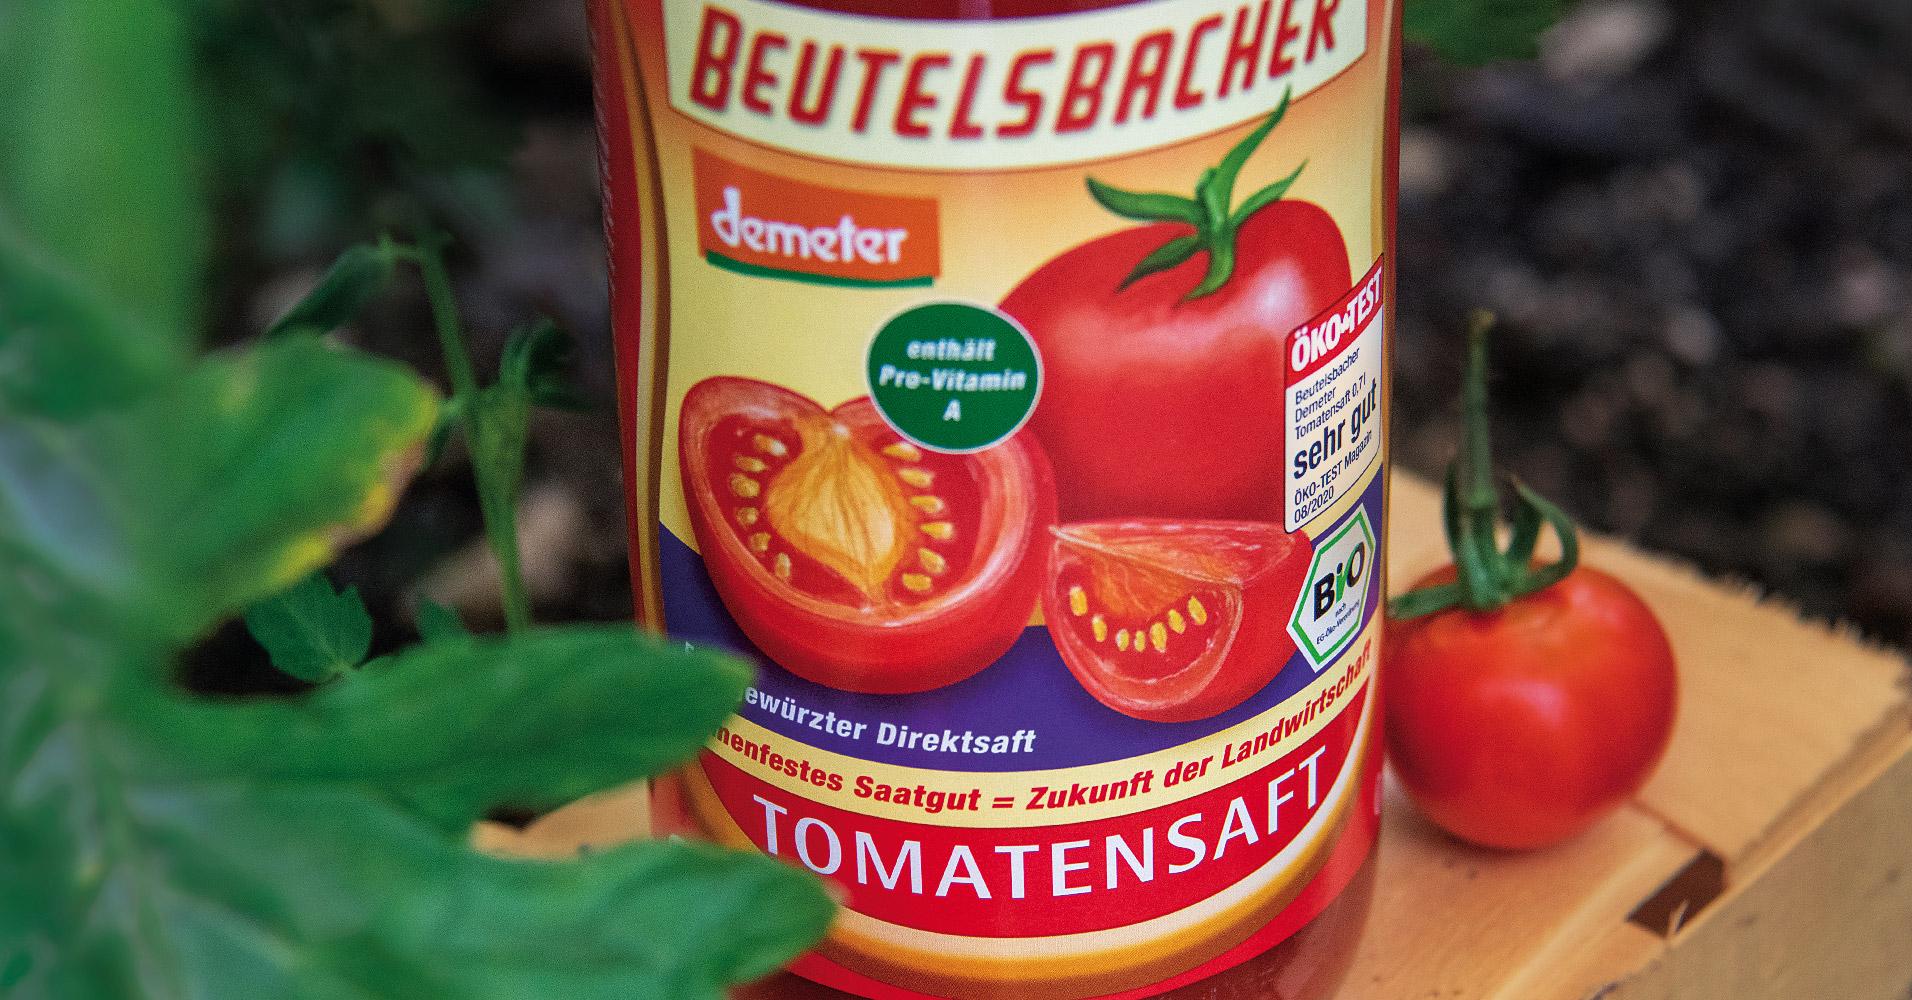 Beutelsbacher Tomatensaft in Demeter-Qualität